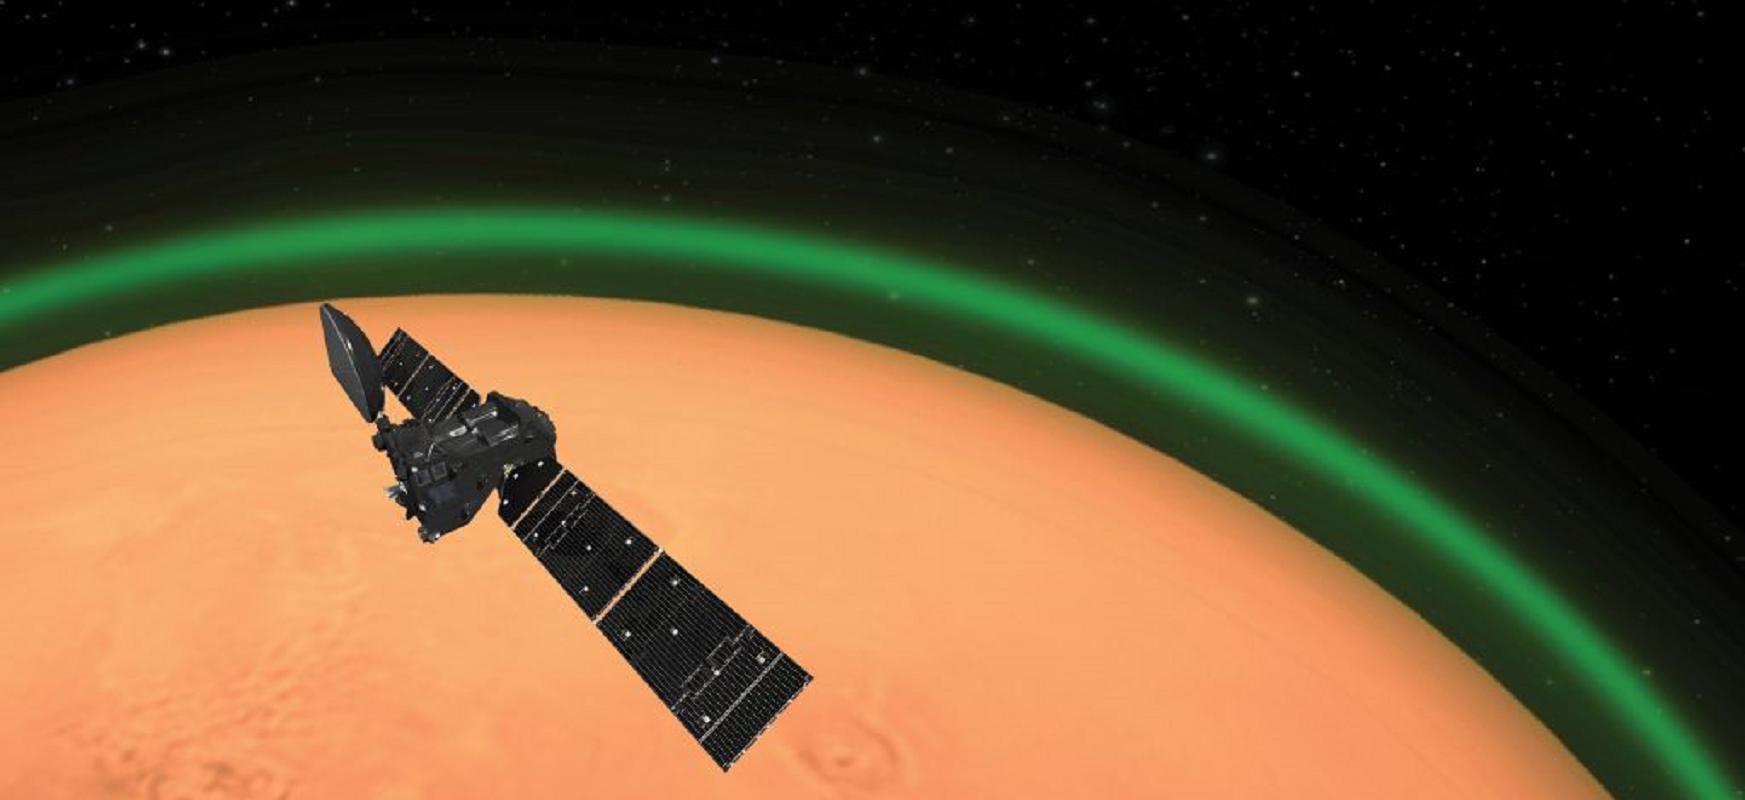 Hauxe da Lurretik kanpo antzeman den lehen dirdira hori.  Marte gutunazal berde berezia du